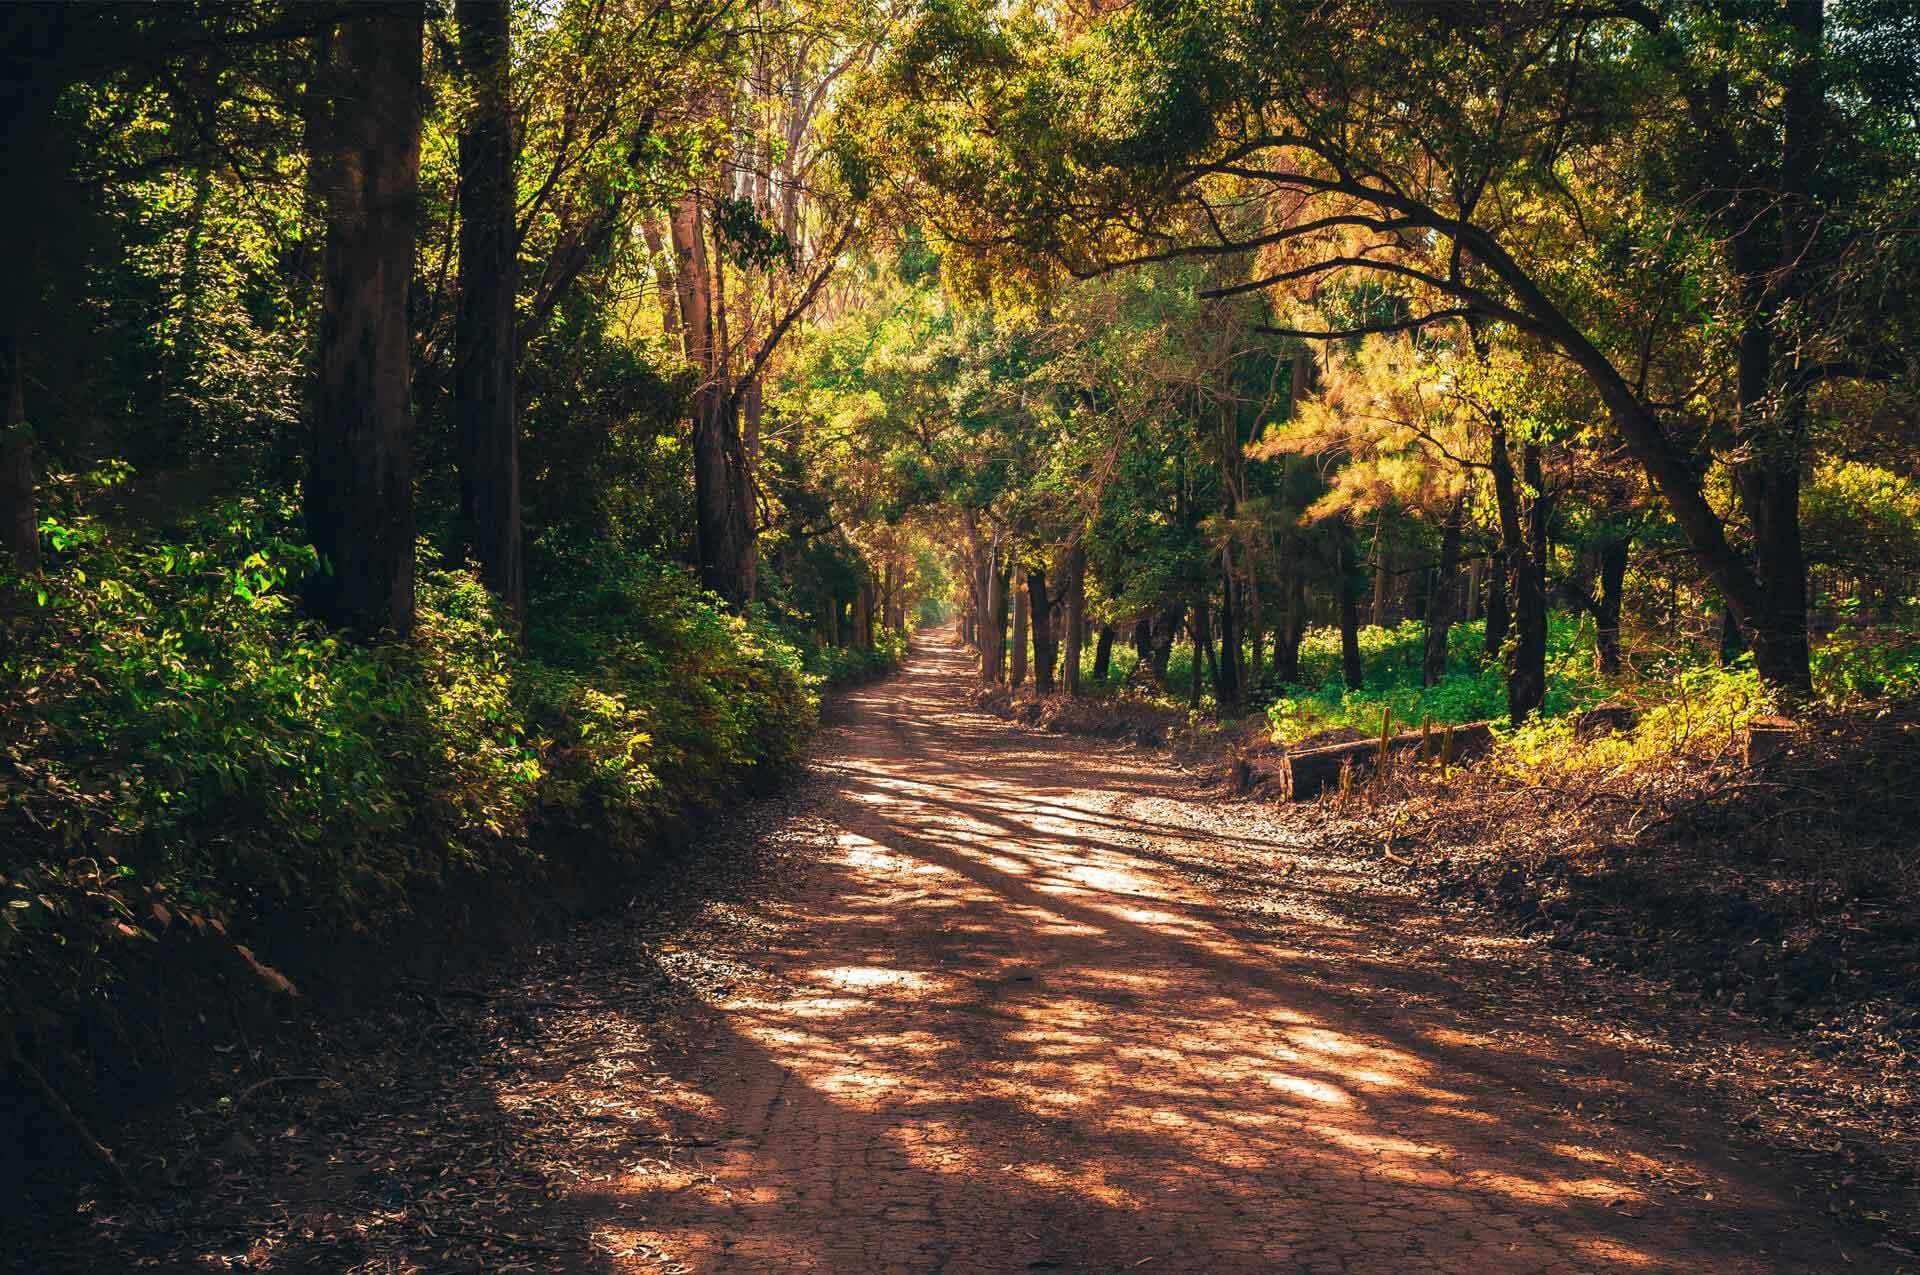 Zo word ik een trailrunner, volg al mijn trailrunning avonturen